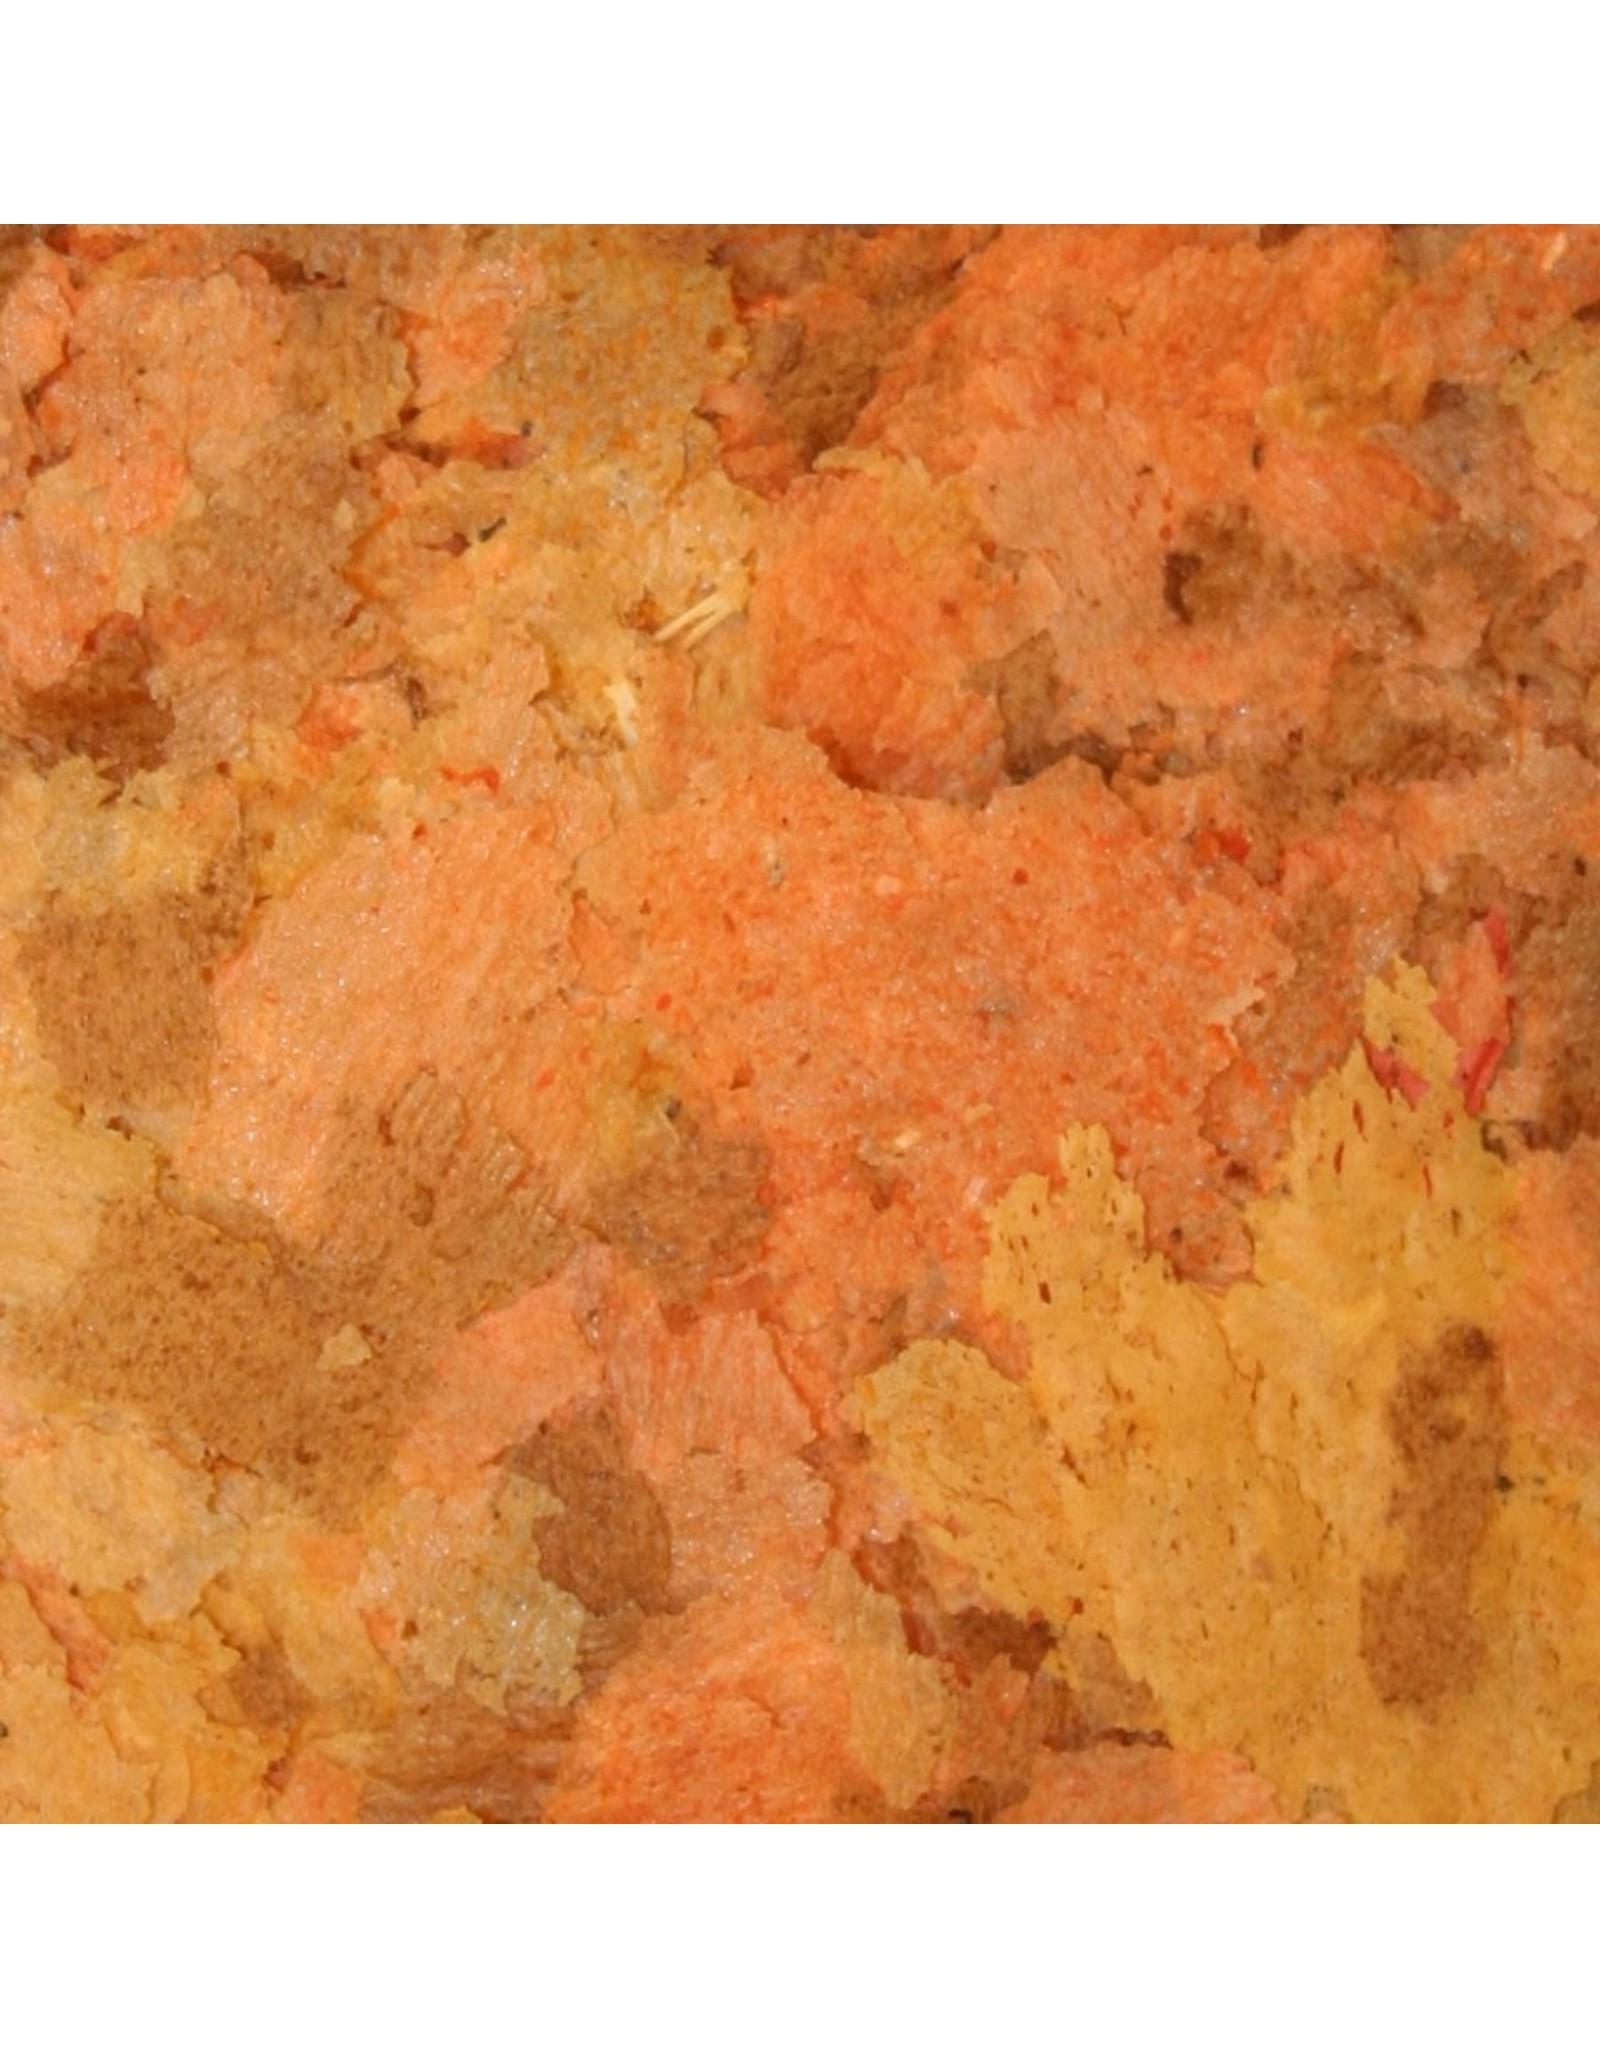 Omega One Food OMEGA ONE Goldfish Flakes